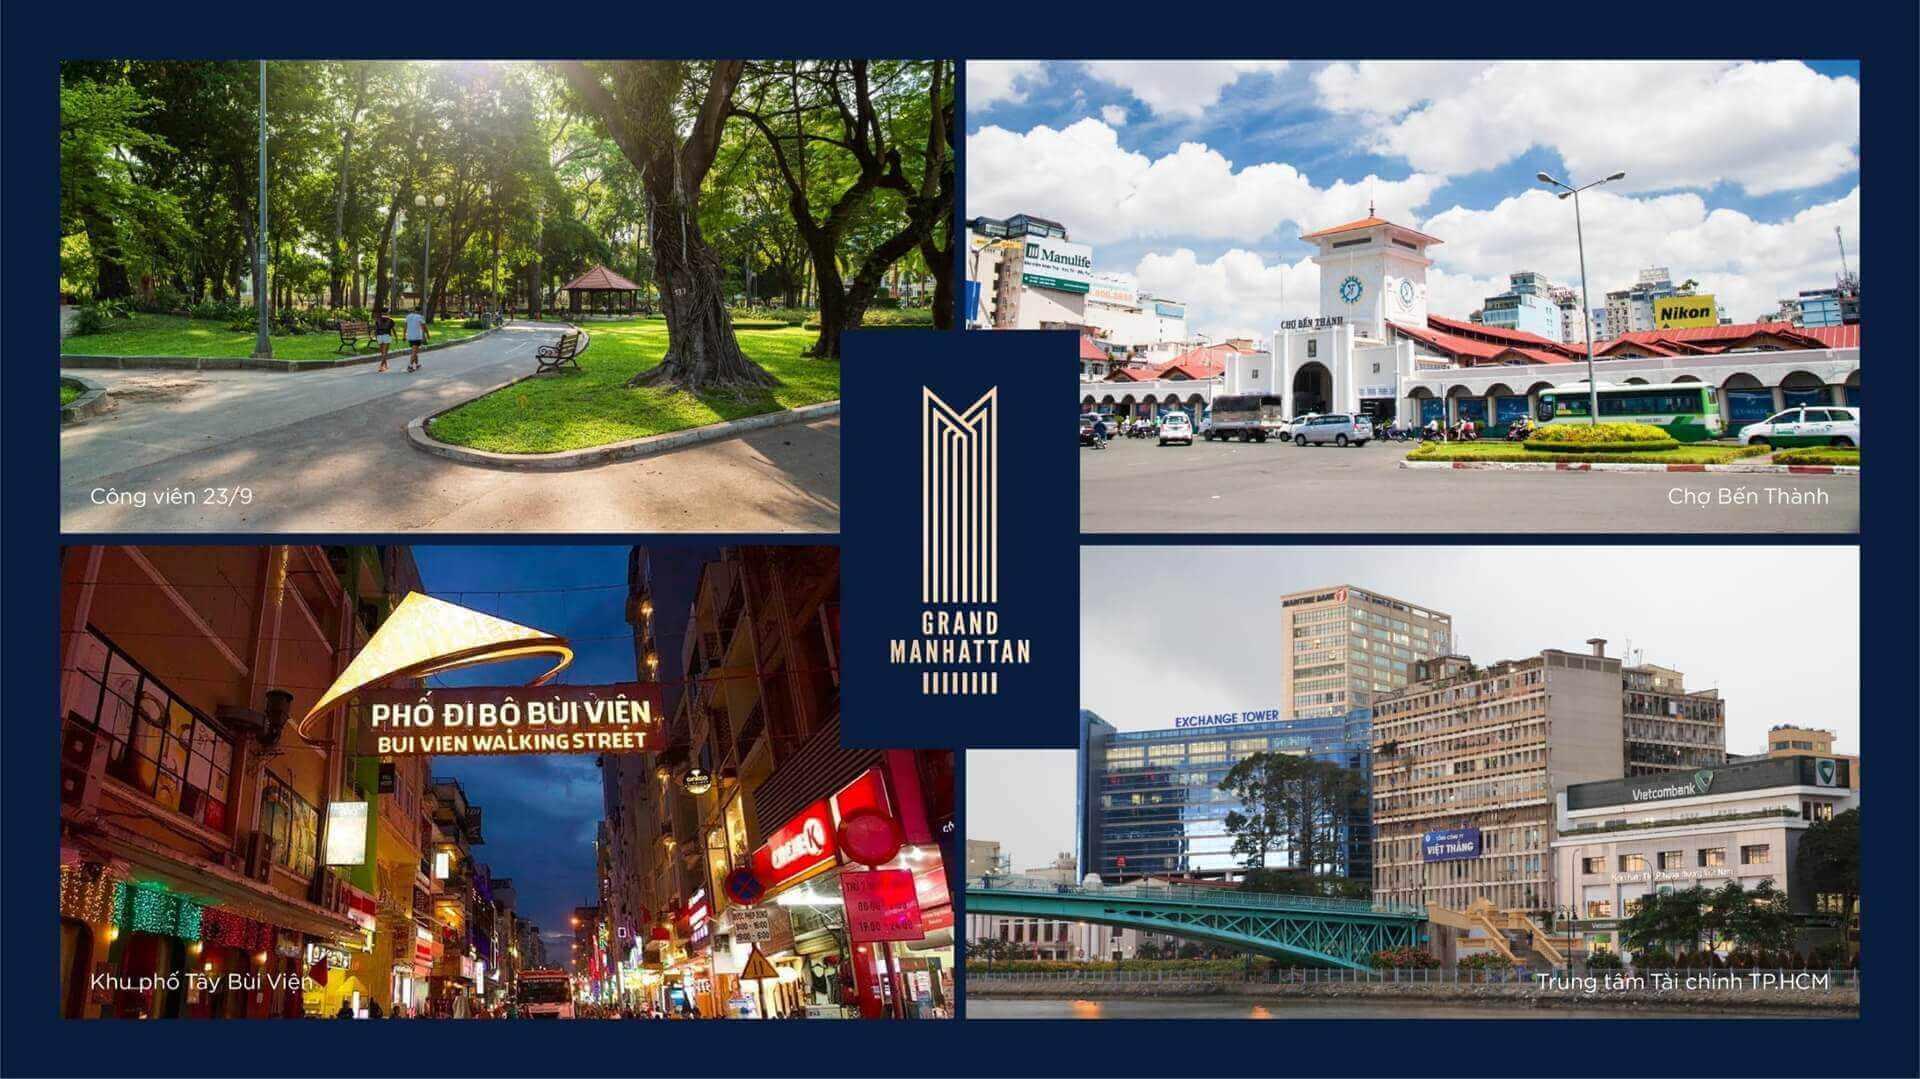 vi-tri-thuan-loi-Du-An-Grand-Manhattan-Q1-HCM-can-ho-cao-cap-Novaland-pho-di-bo-Bui-Vien-Cho-Ben-Thanh